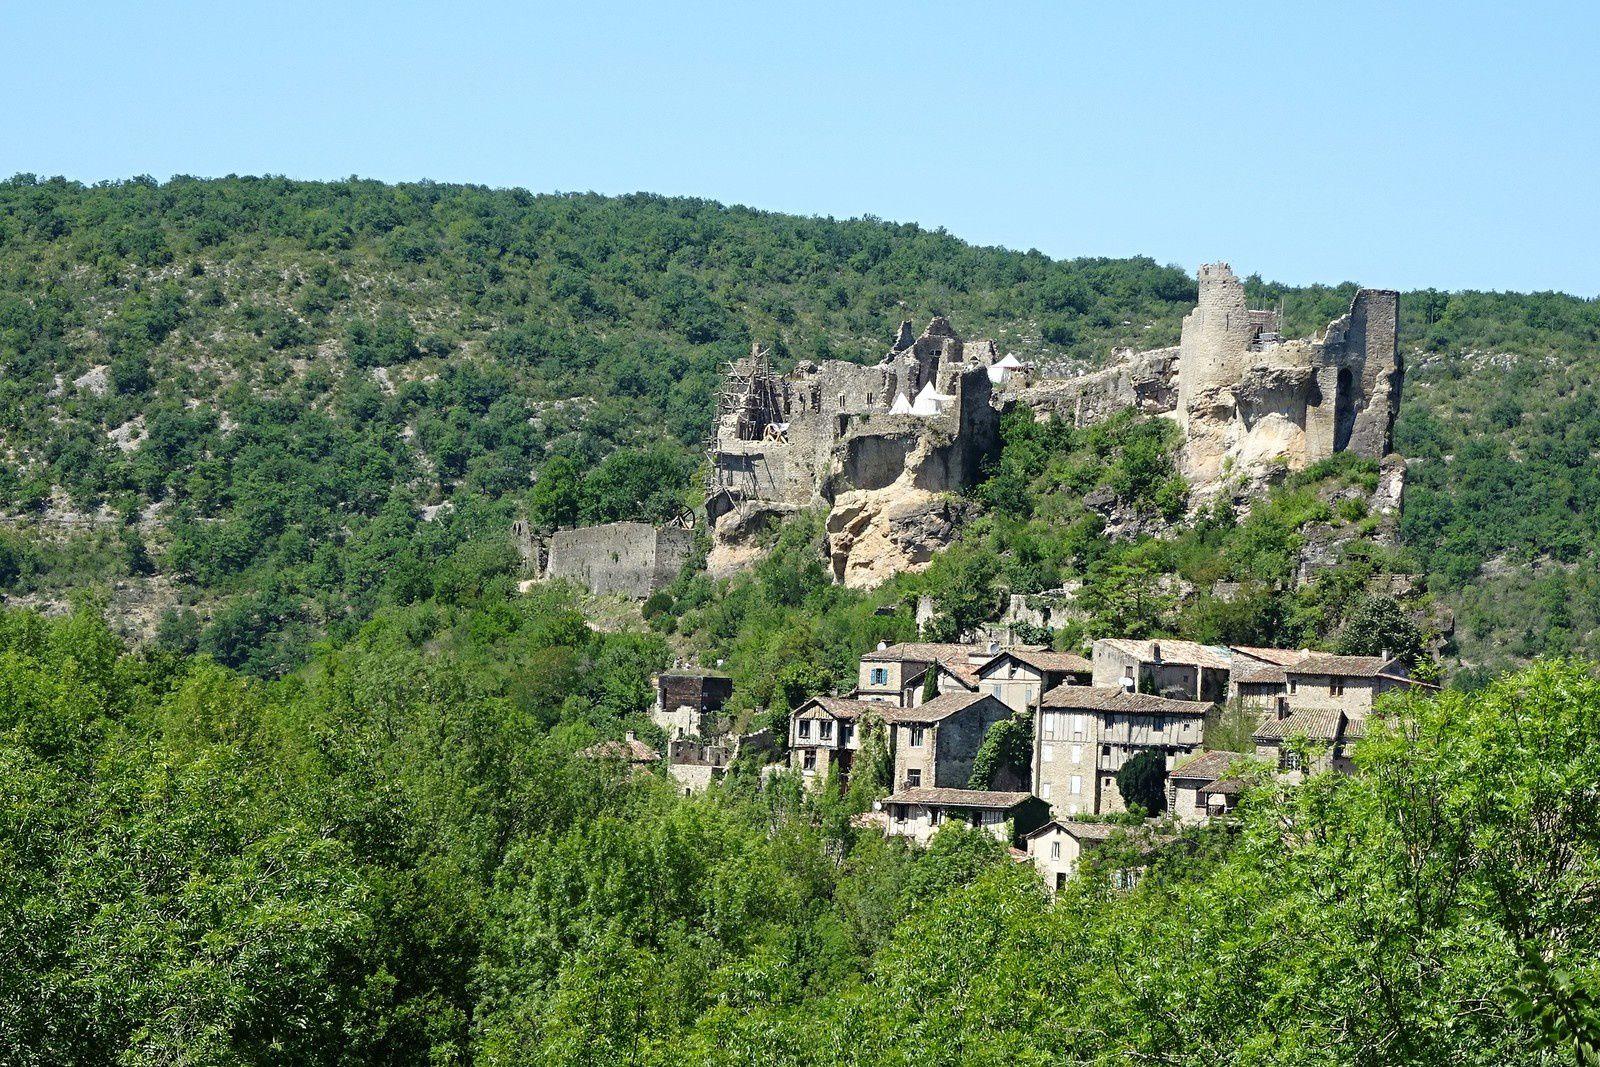 Penne et son château ruiné sur un promontoire rocheux.